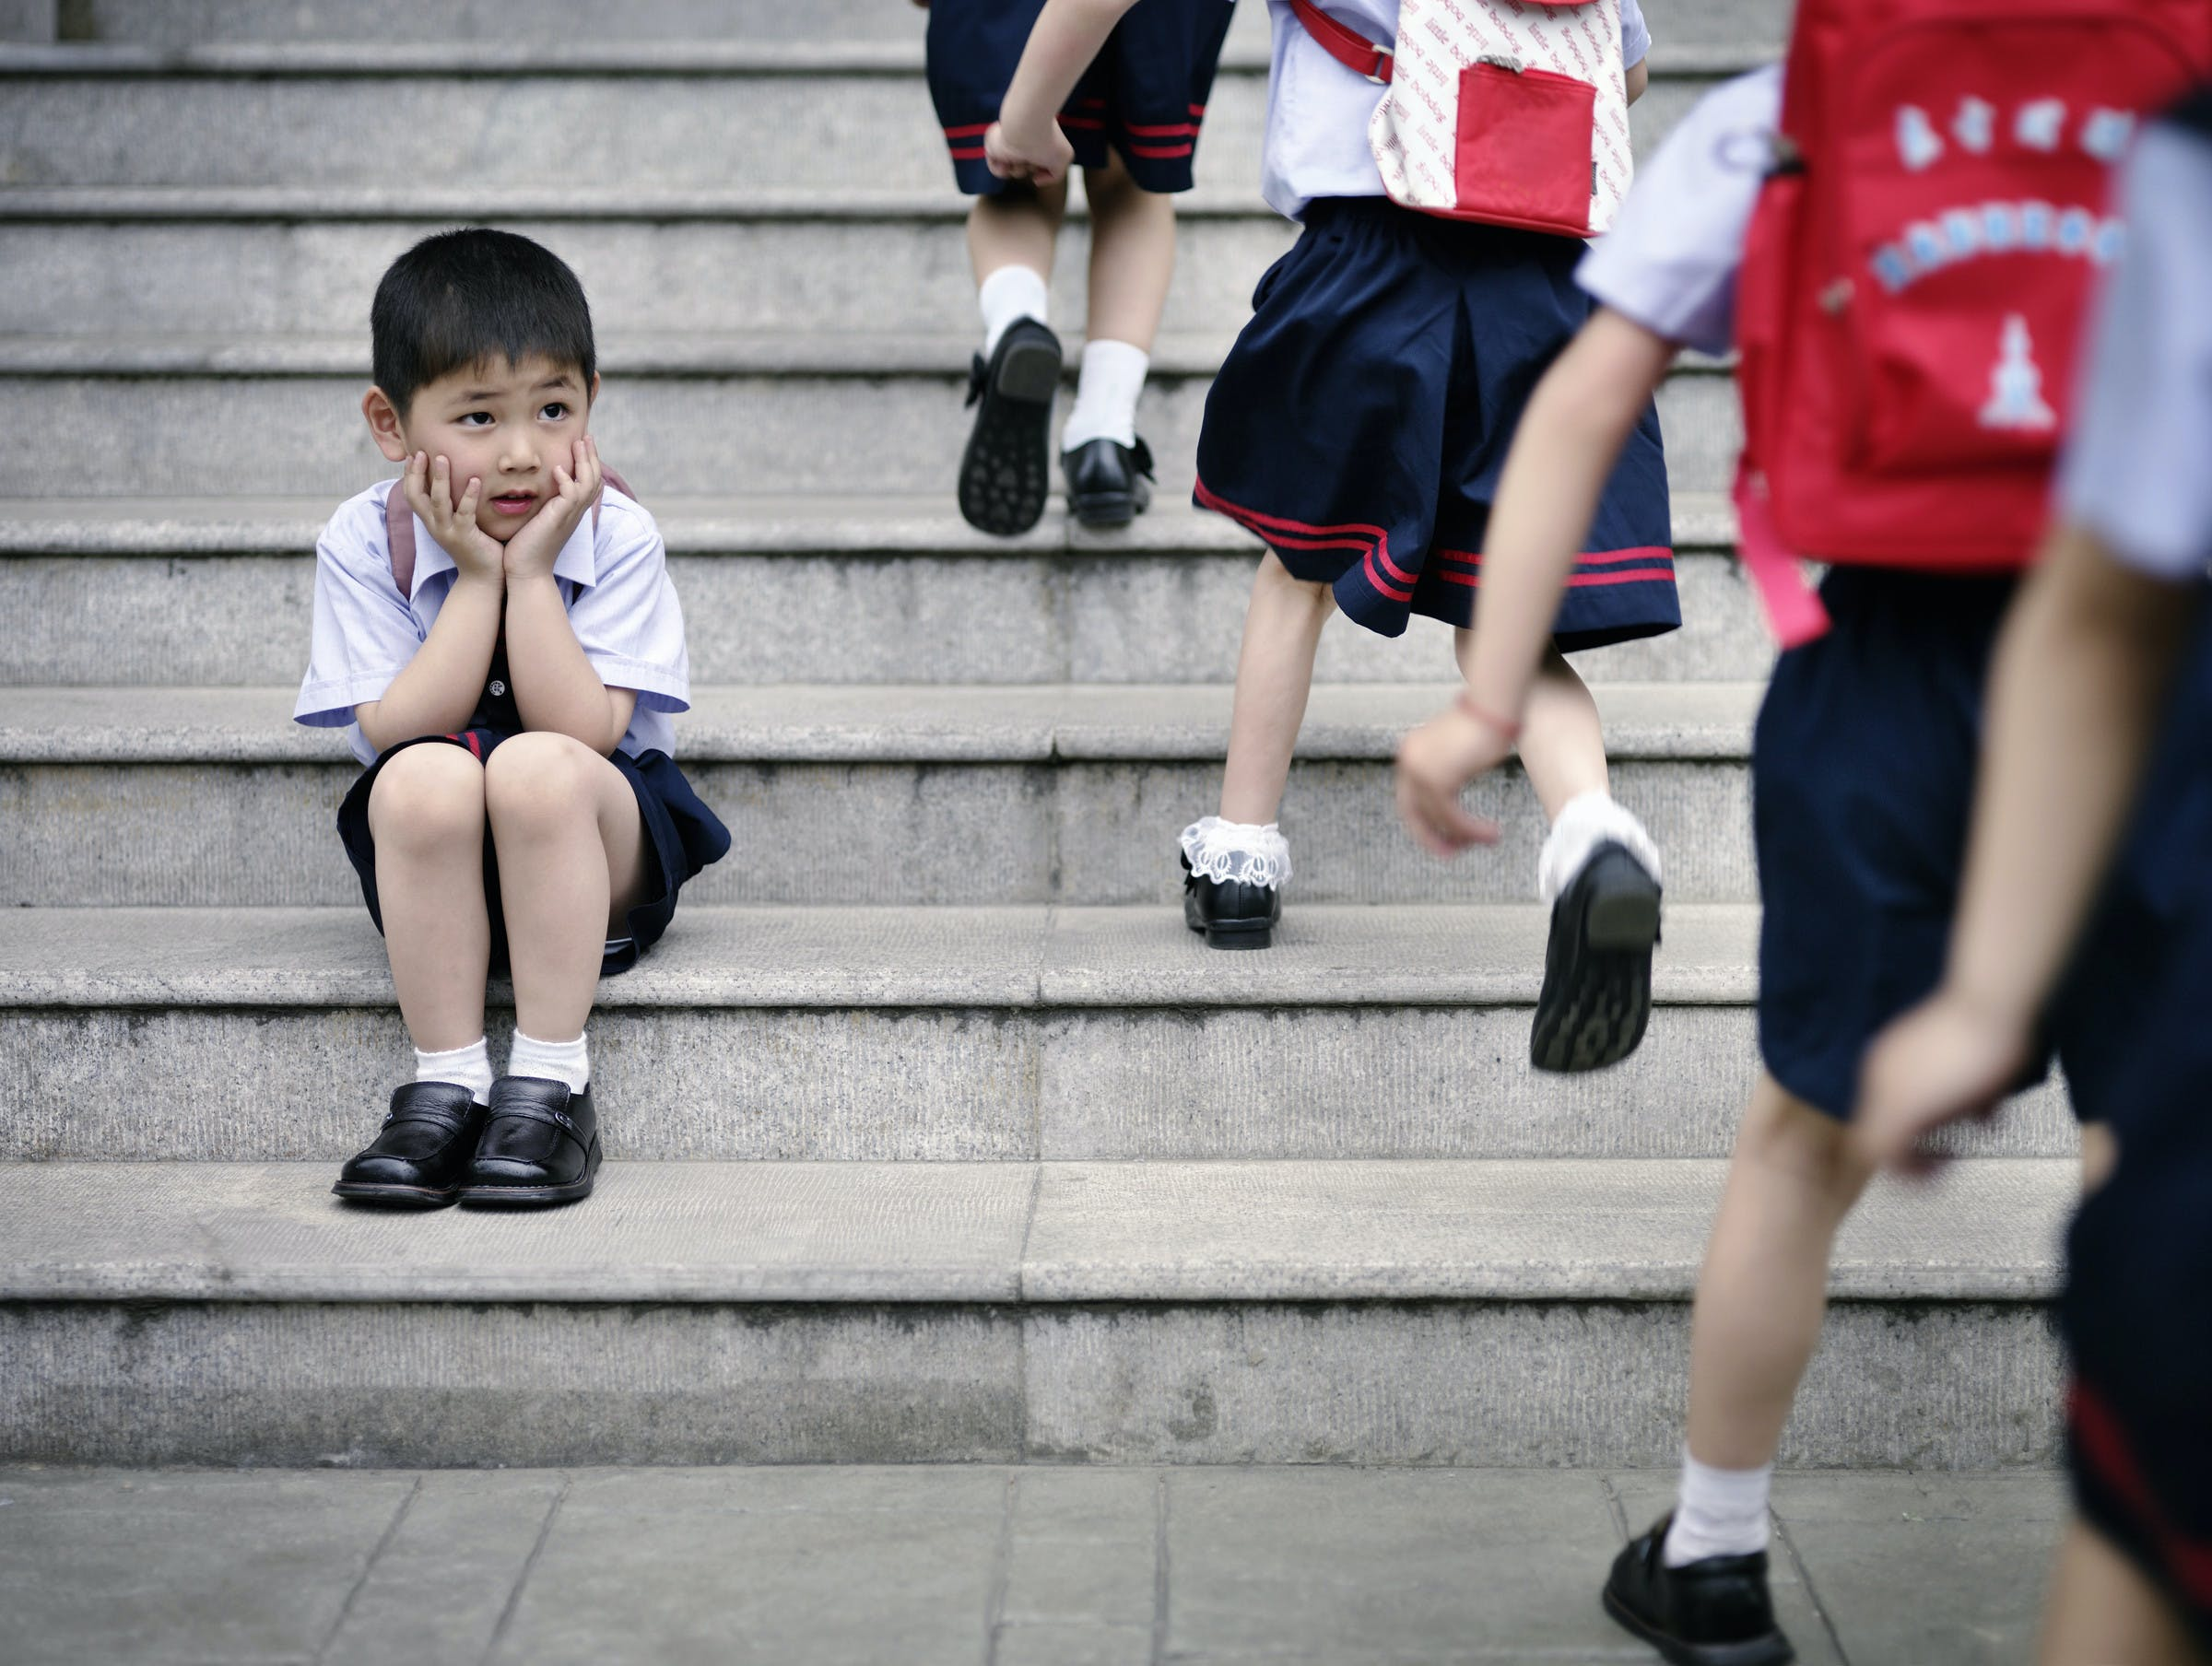 社會事件不會憑空發生:從「神戶小學生殺人事件」看台灣新世代的危機